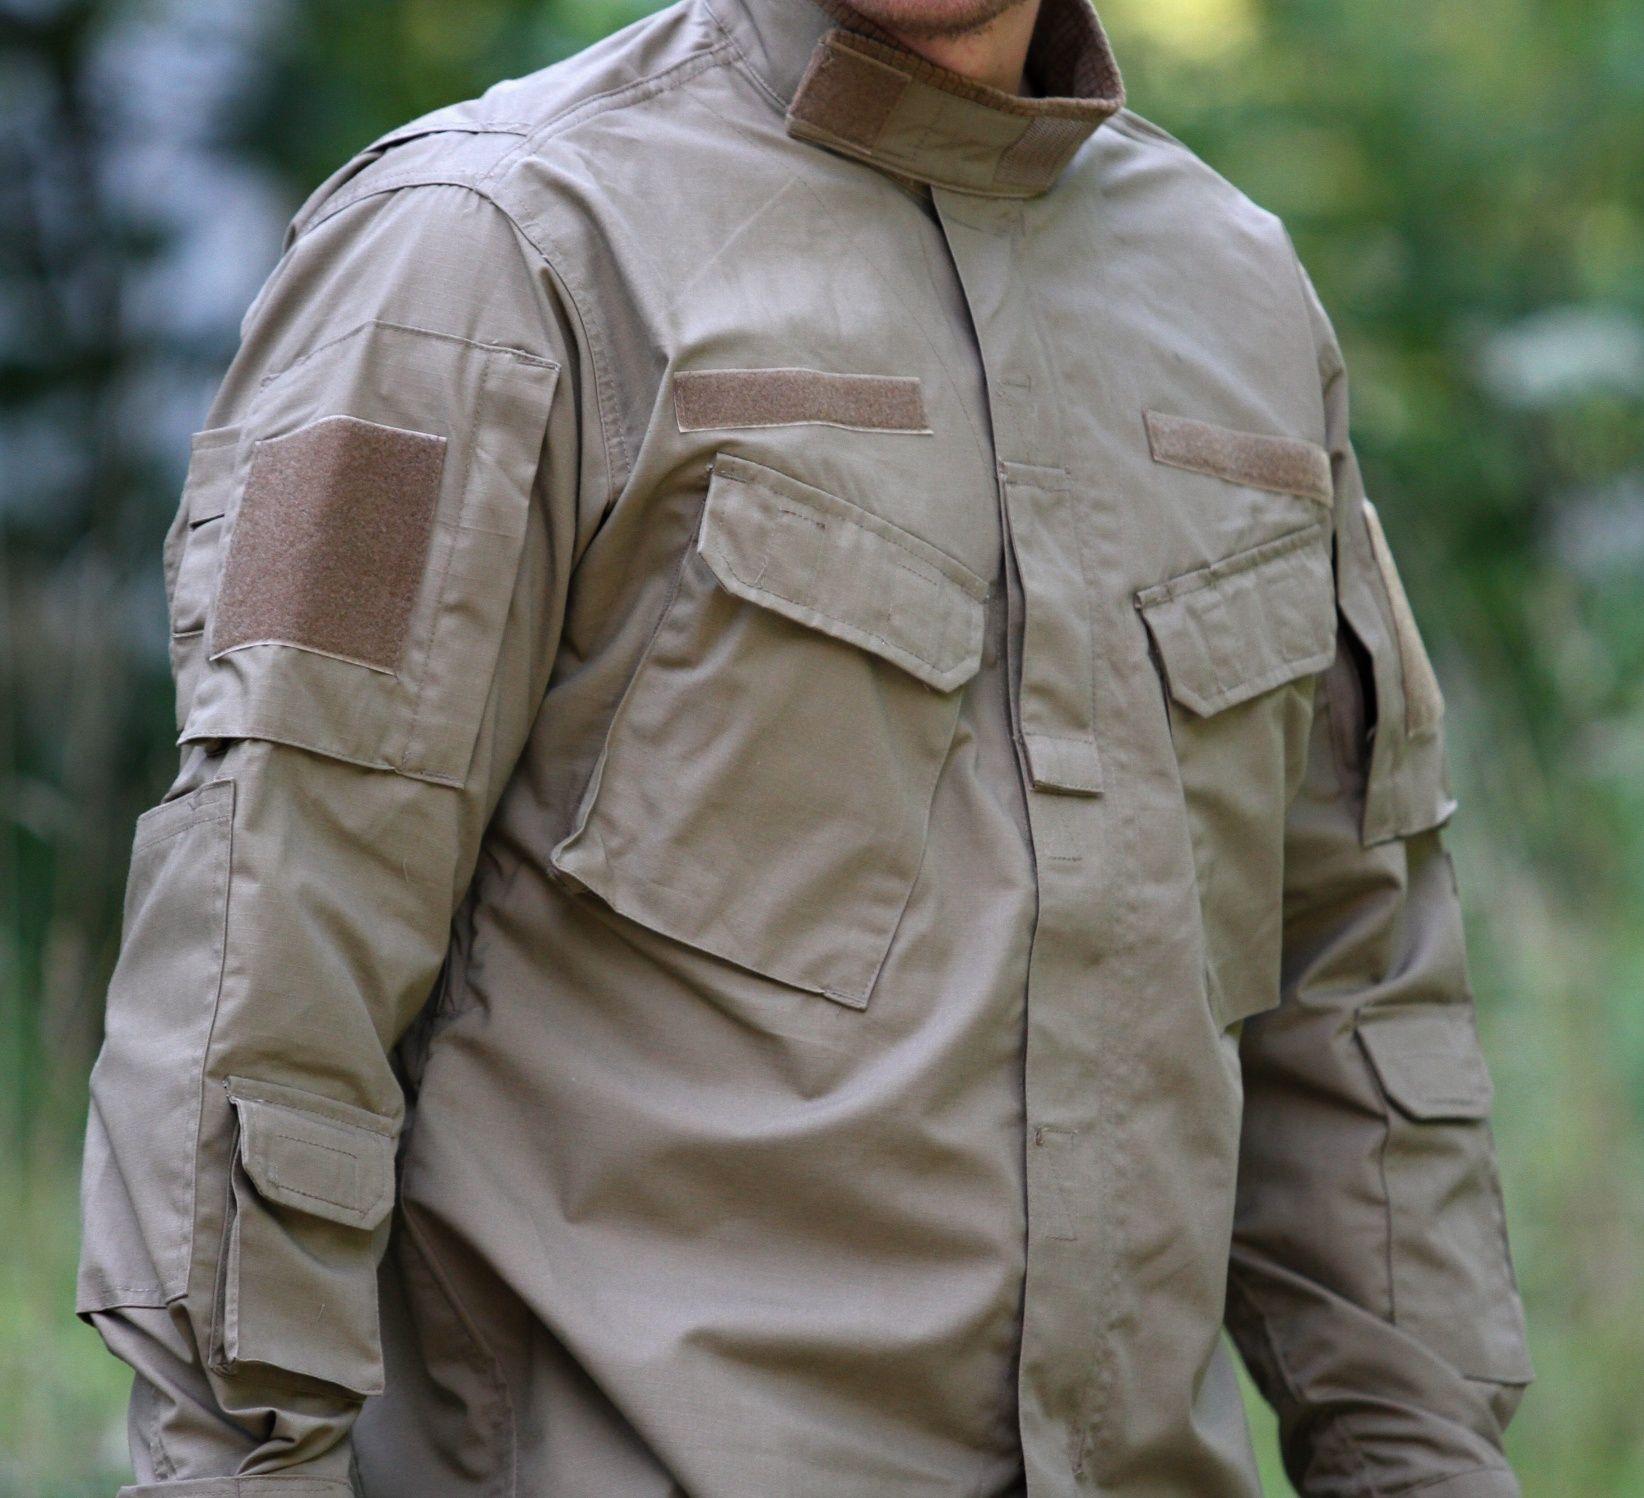 Na modernej uniforme taktiež nesmie chýbať ani golier, ktorý sa dá zapnúť a to nám rozhodne zabezpečí ochranu celého krku. Vrecká sú šité šikmým spôsobom a to nám rozhodne zabezpečuje rýchly prístup do vreciek v prípade ak máme na sebe nejakú vestu alebo inú ďalšiu vrstvu oblečenia. http://www.armyoriginal.sk/3145/124801/bluza-cpu-coyote-helikon.html